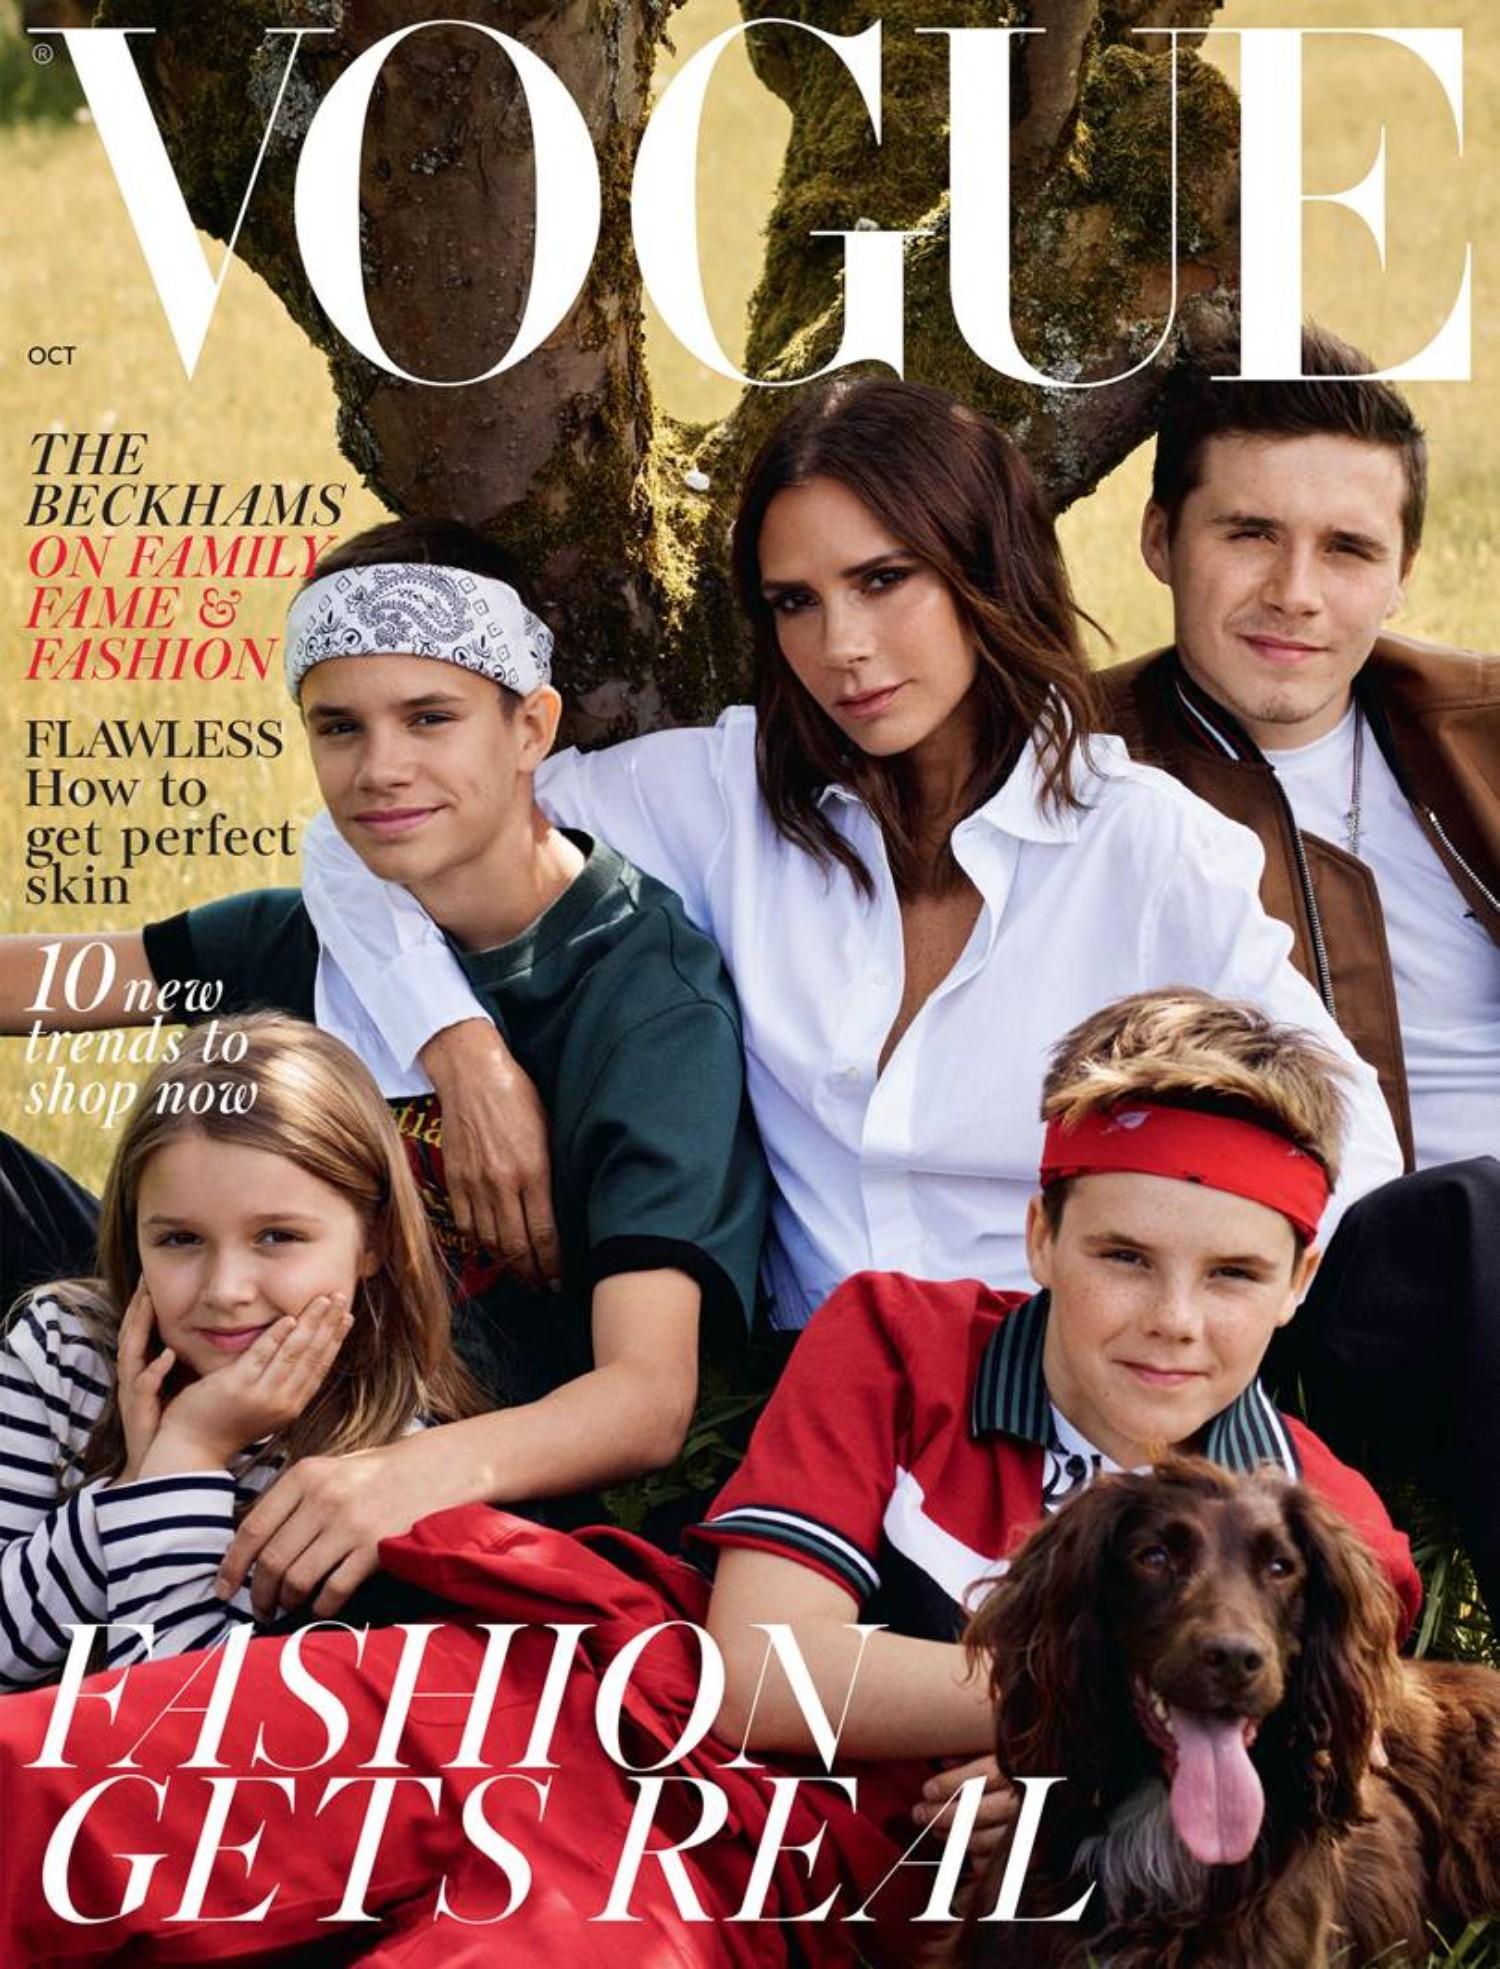 The Beckhams Cover British Vogue to Celebrate a Decade of Victoria Beckham